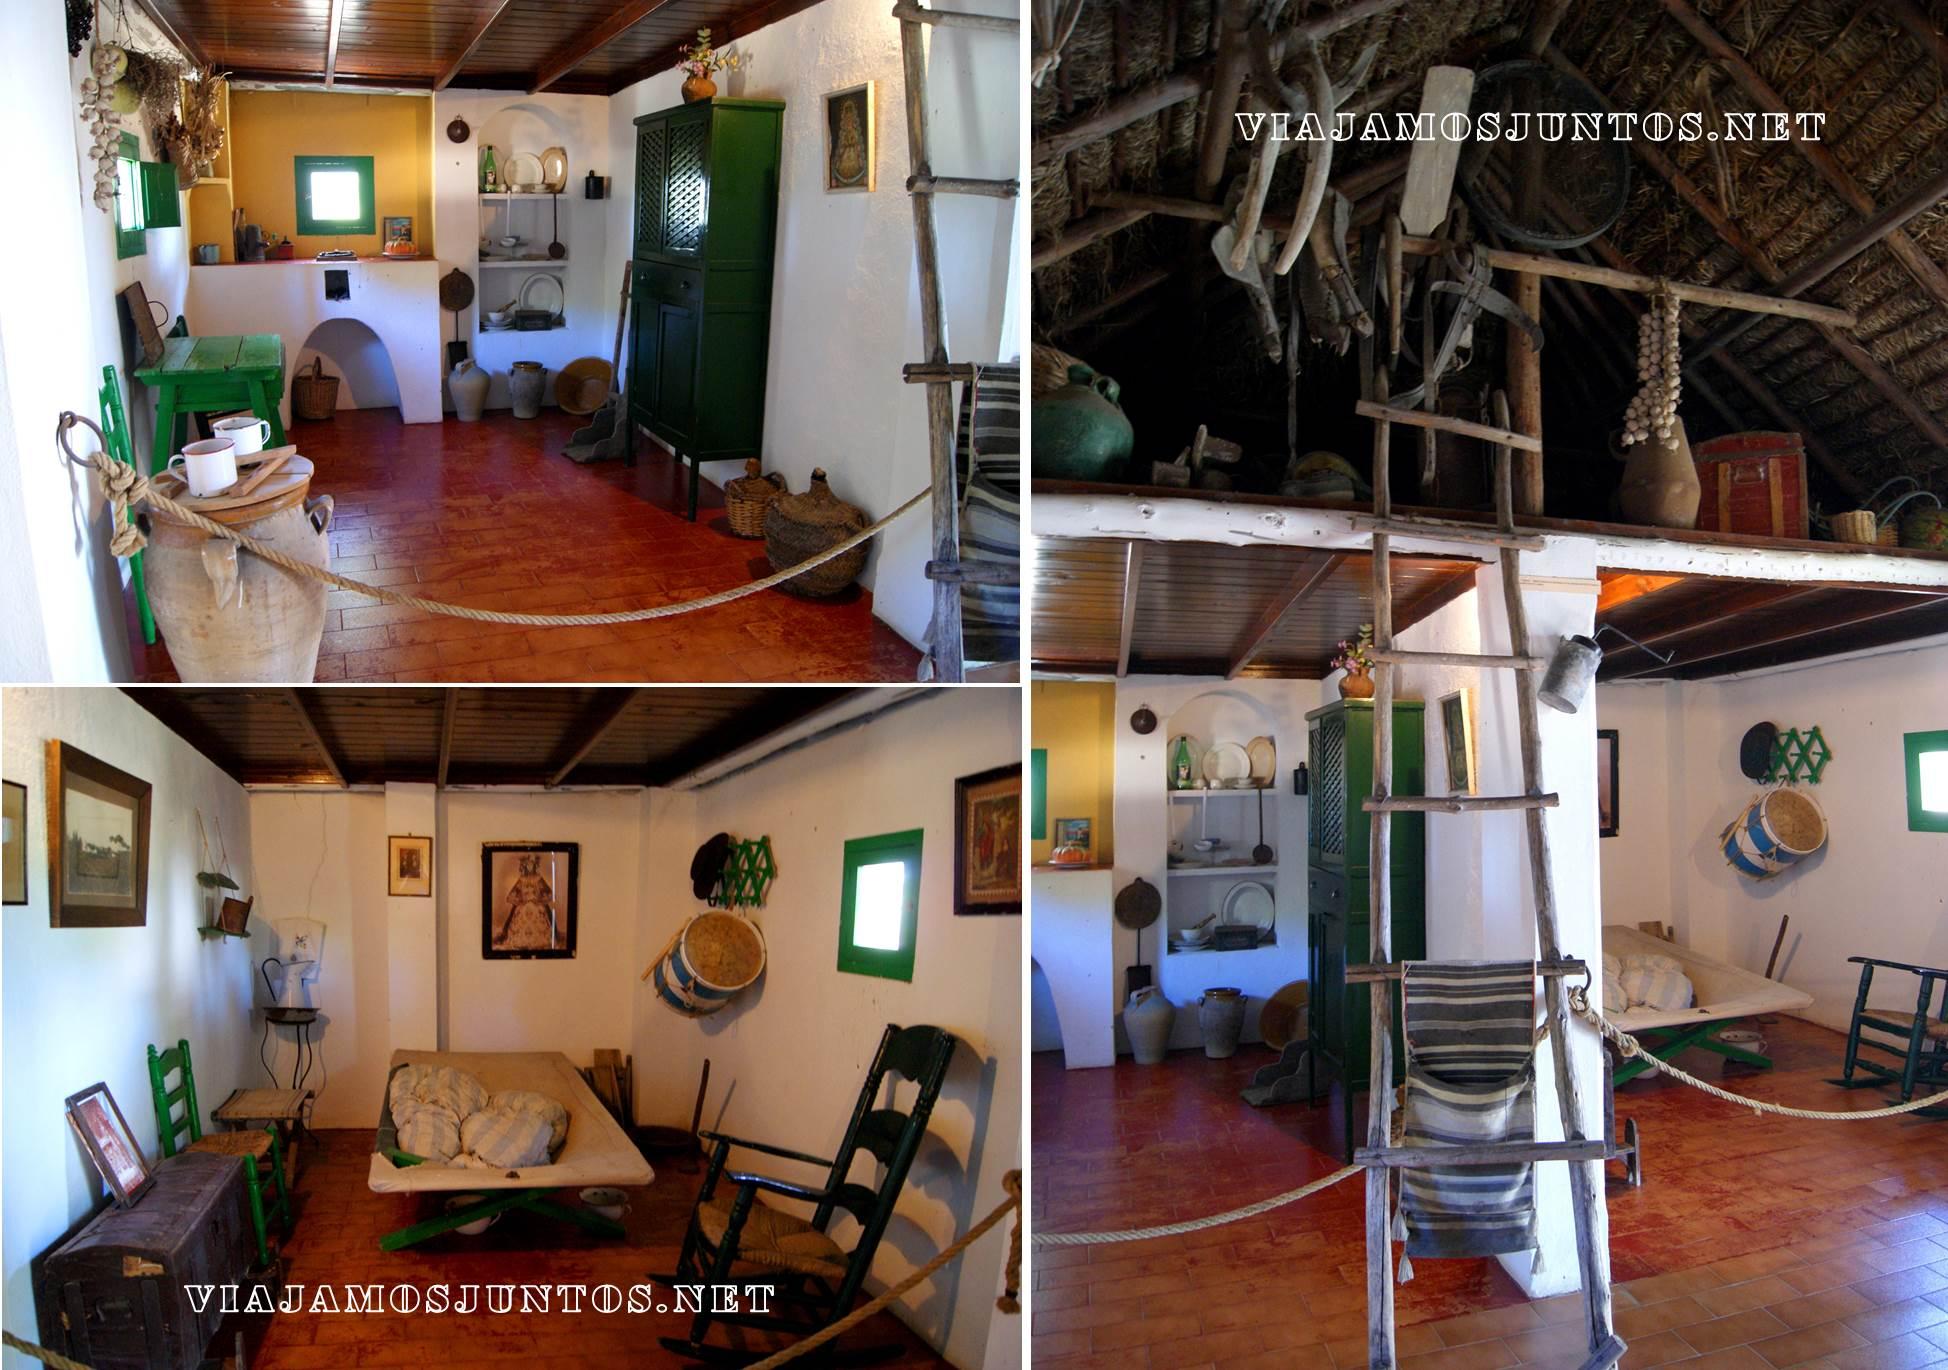 Doñana, rutas, senderismo, centros de interpretación, rocina el rocio, huelva, andalucia, palacio del acebron